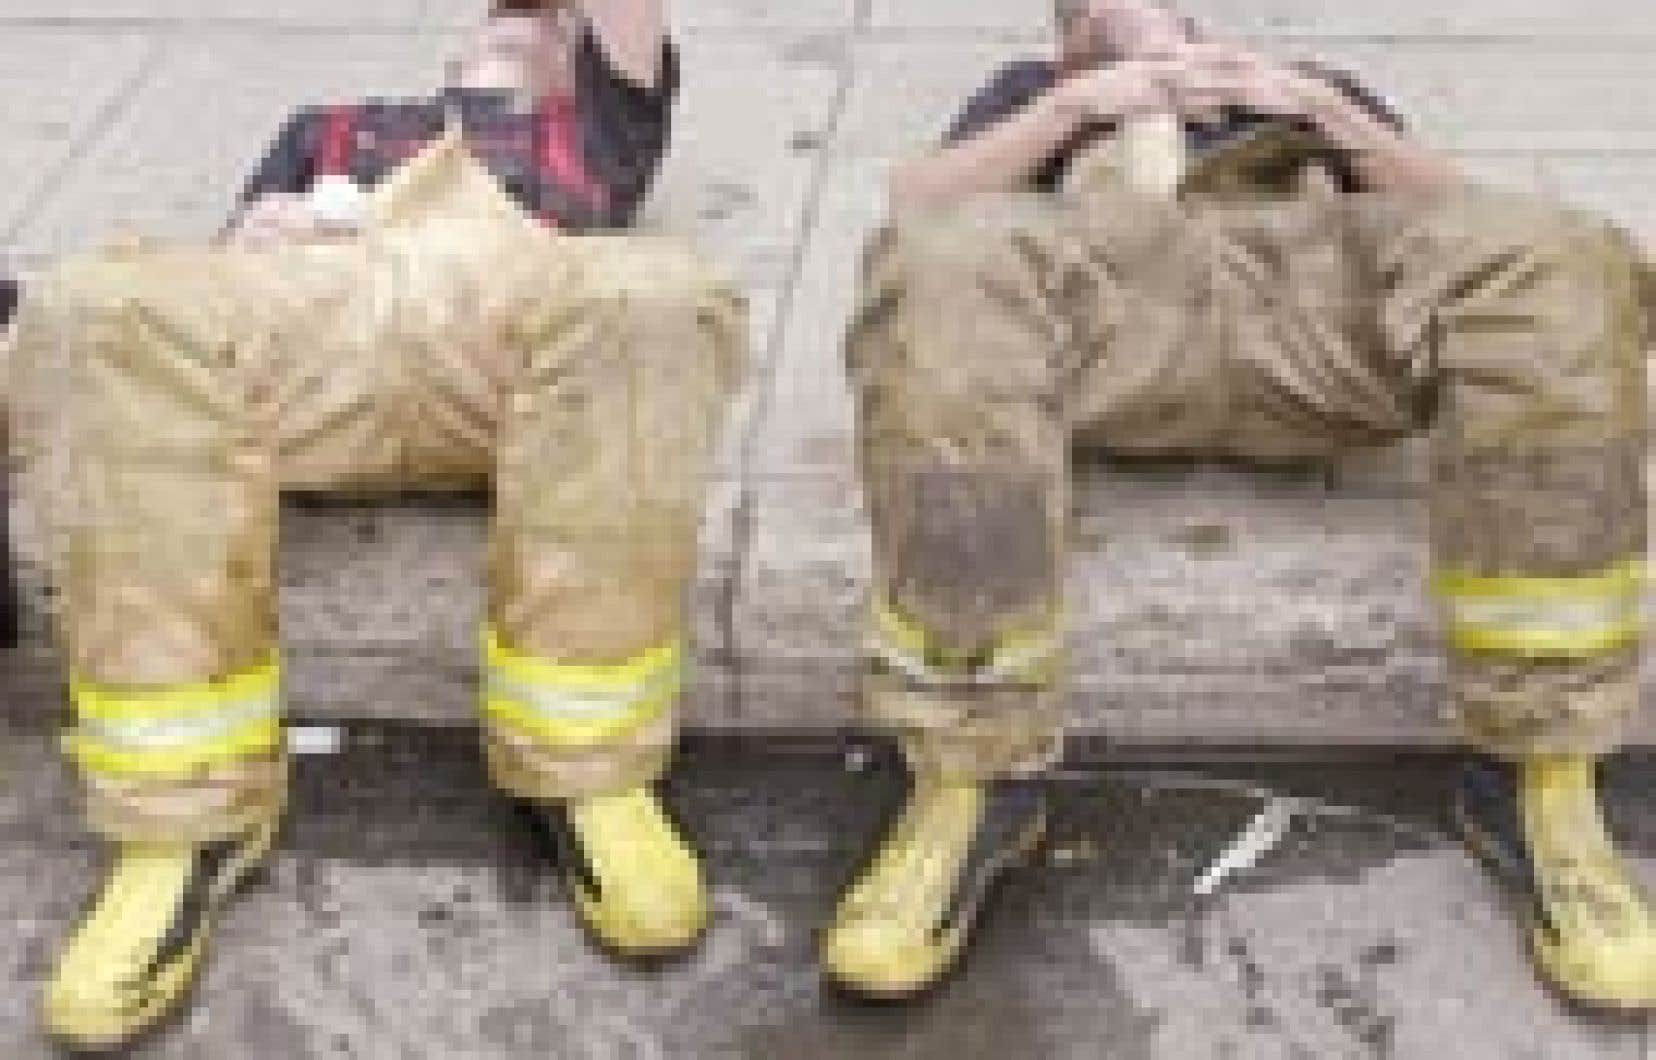 Appelés sur les lieux d'un incendie dans le quartier Hochelaga-Maisonneuve, ces pompiers  luttaient hier contre une chaleur d'un autre type sous le regard des badauds compréhensiblement dépoitraillés.